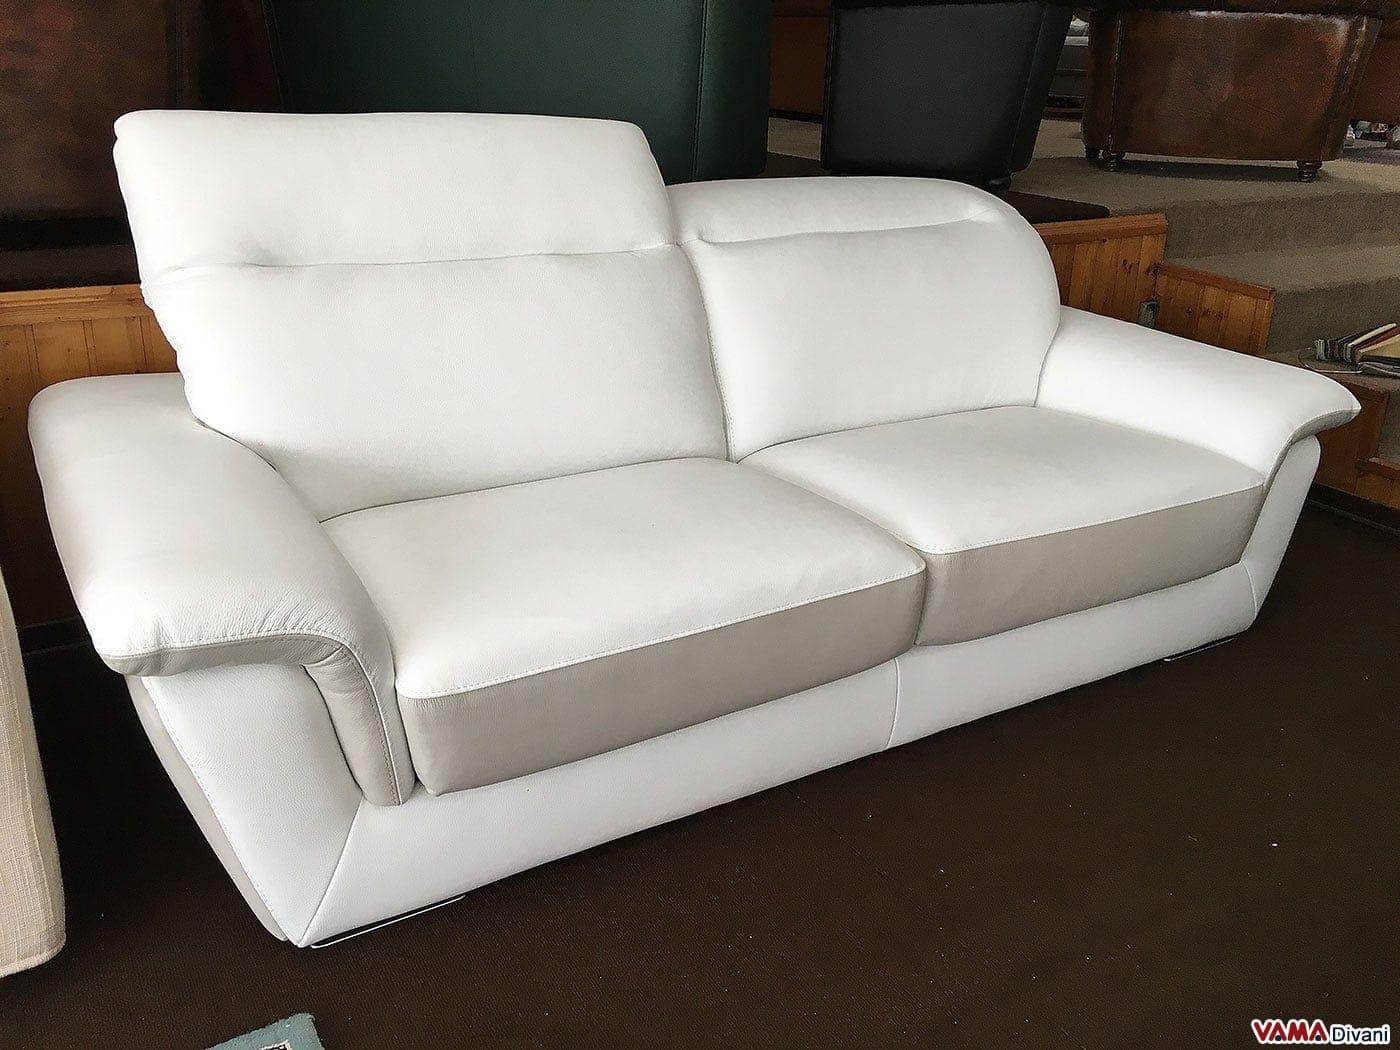 Divano bianco in pelle in offerta con poggiatesta relax for Divano letto bianco